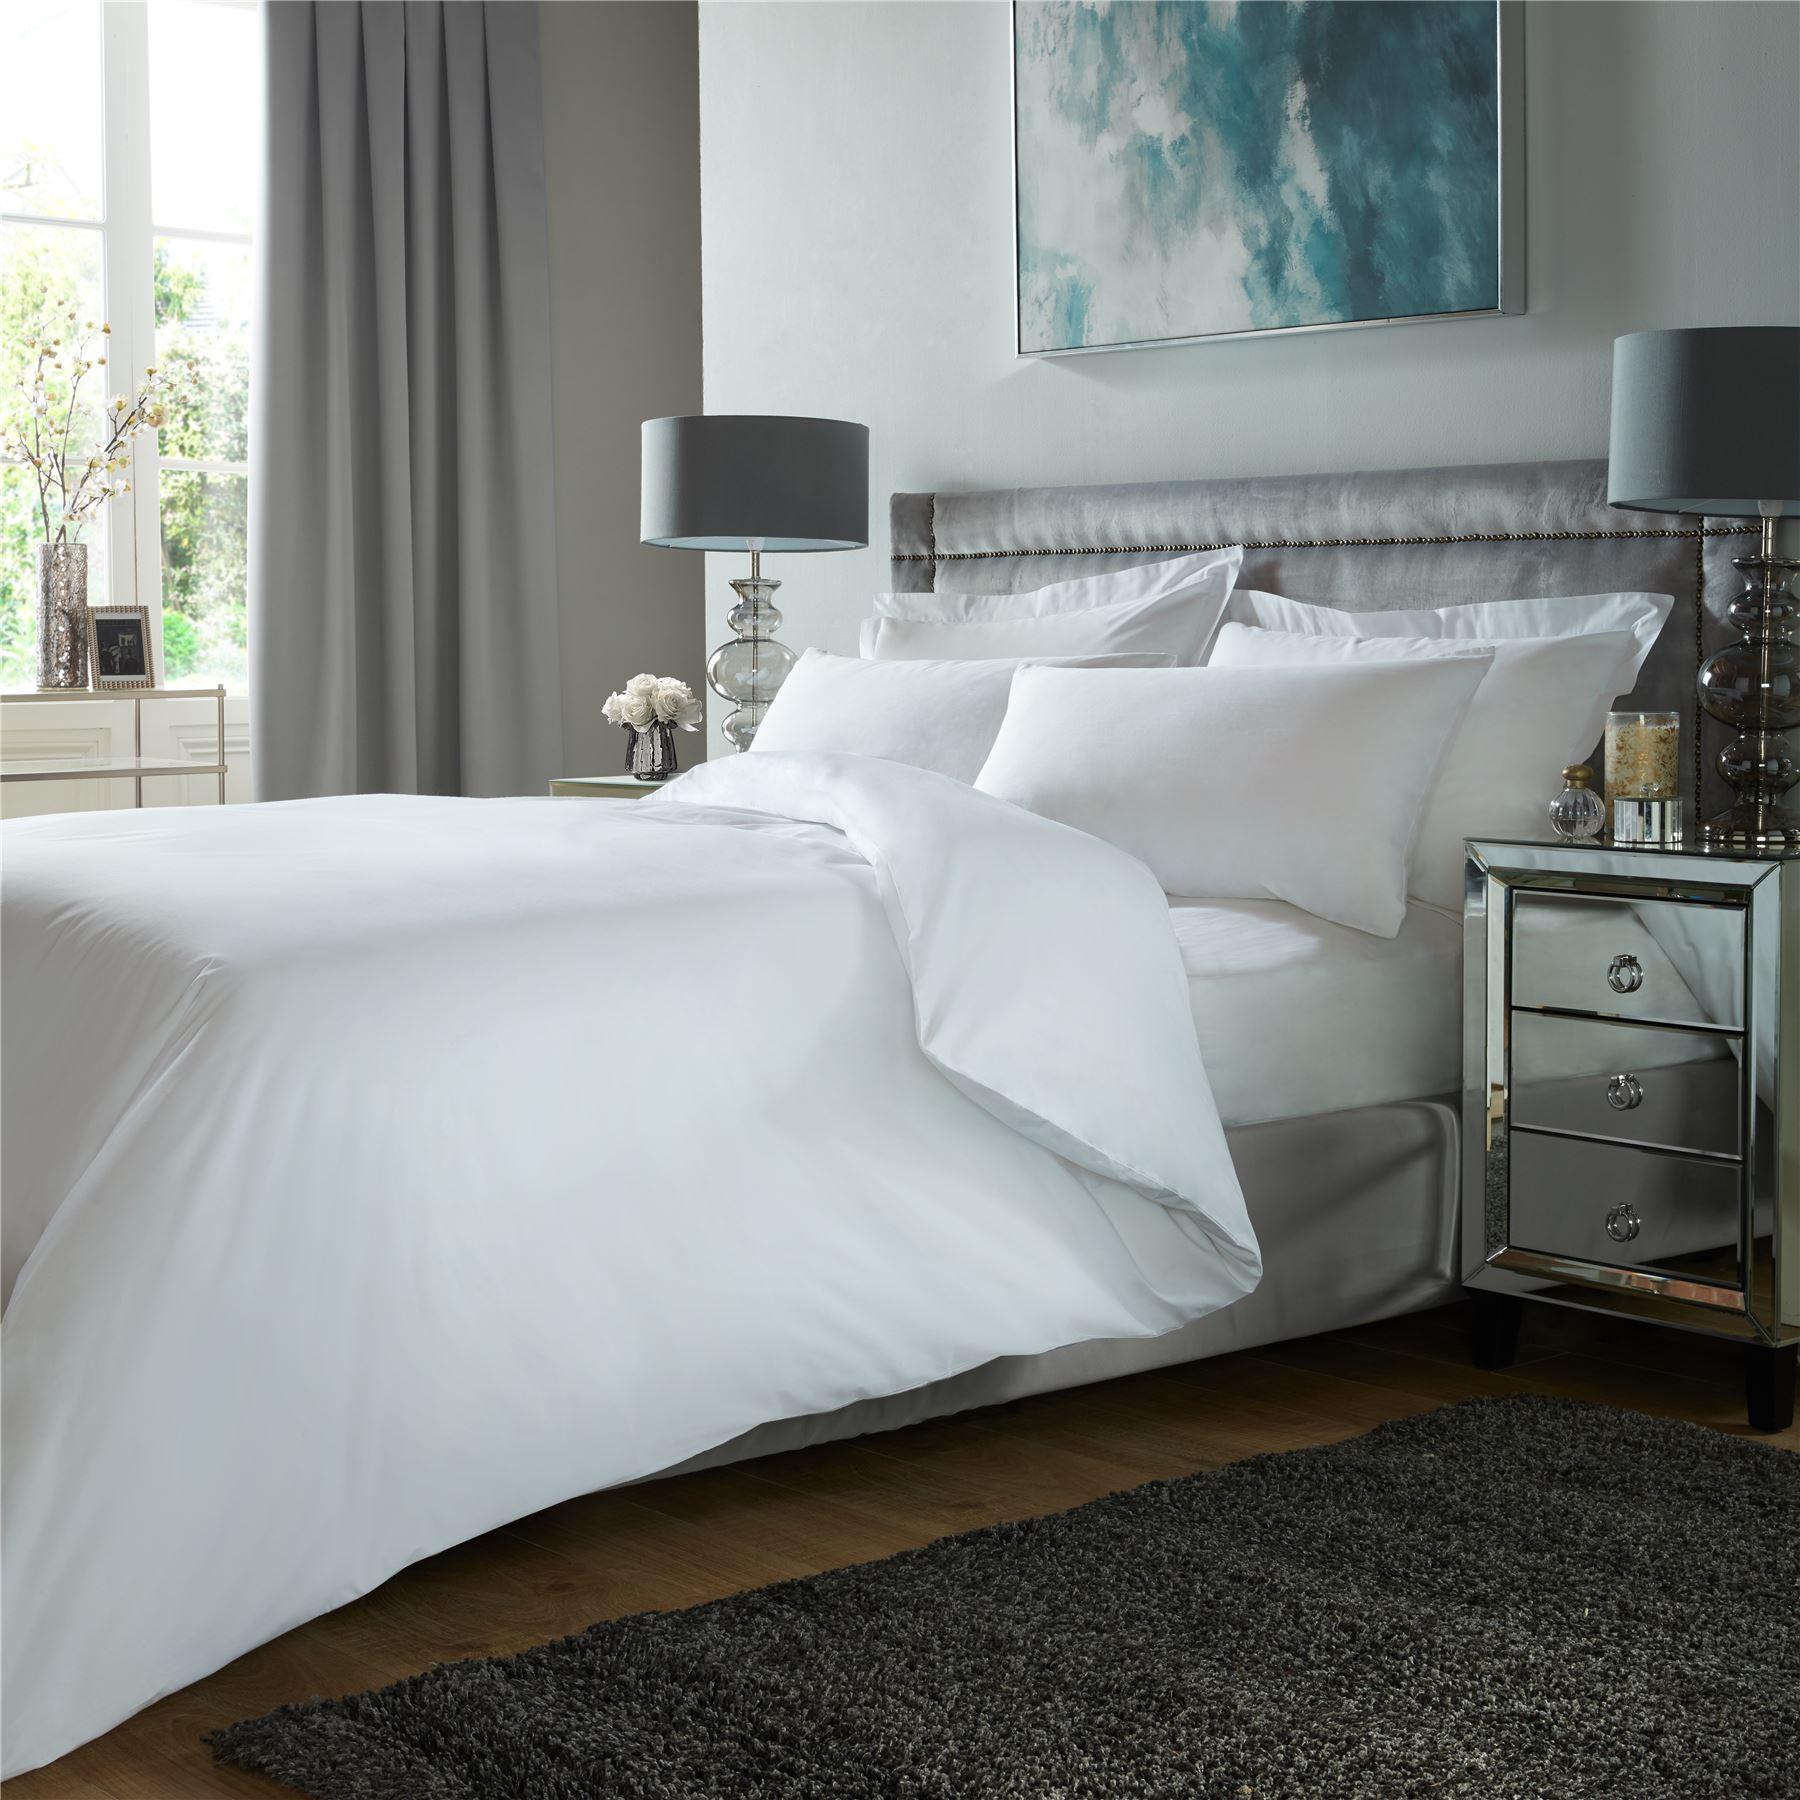 De-Lujo-400TC-conjunto-de-funda-de-edredon-100-Algodon-Egipcio-ropa-de-cama-funda-de-almohada-tenida miniatura 26